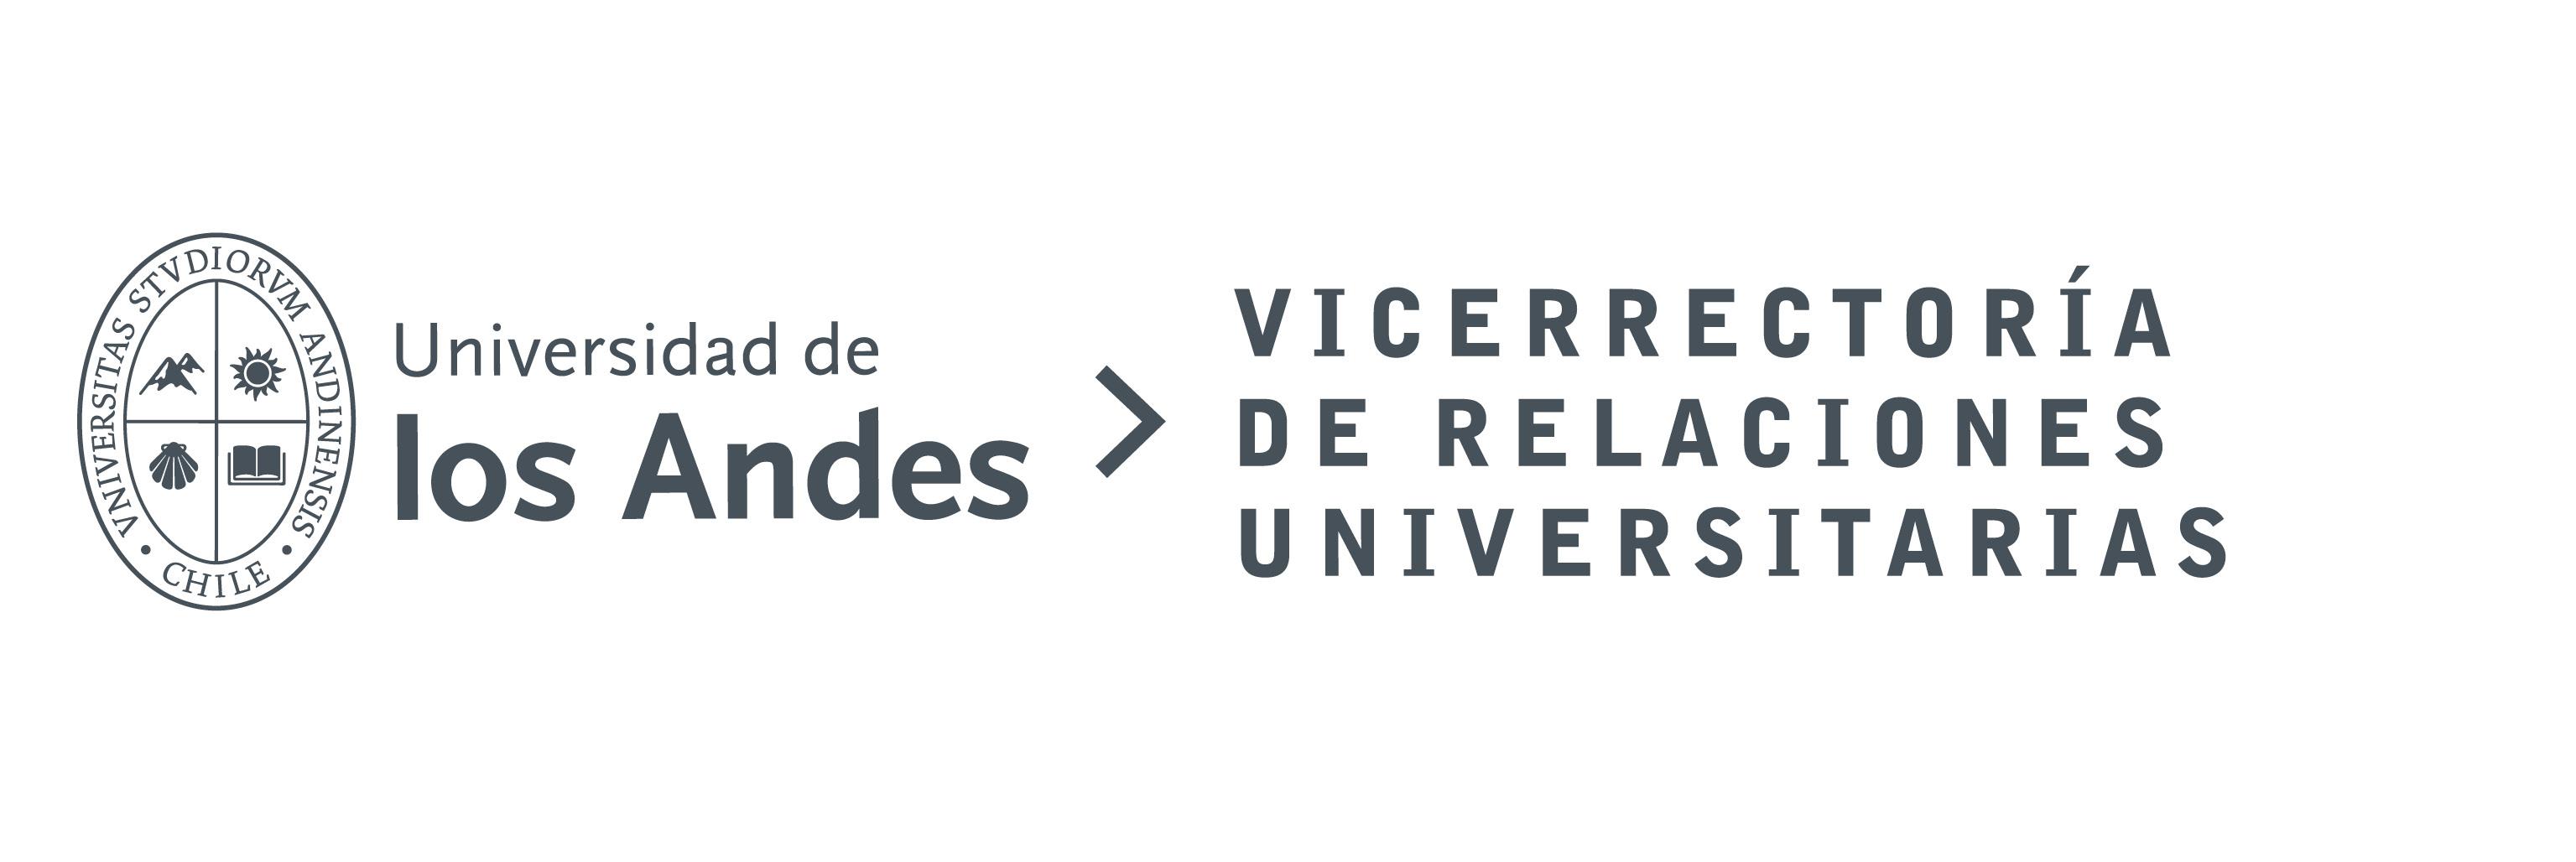 Vicerrectoría de Relaciones Universitarias